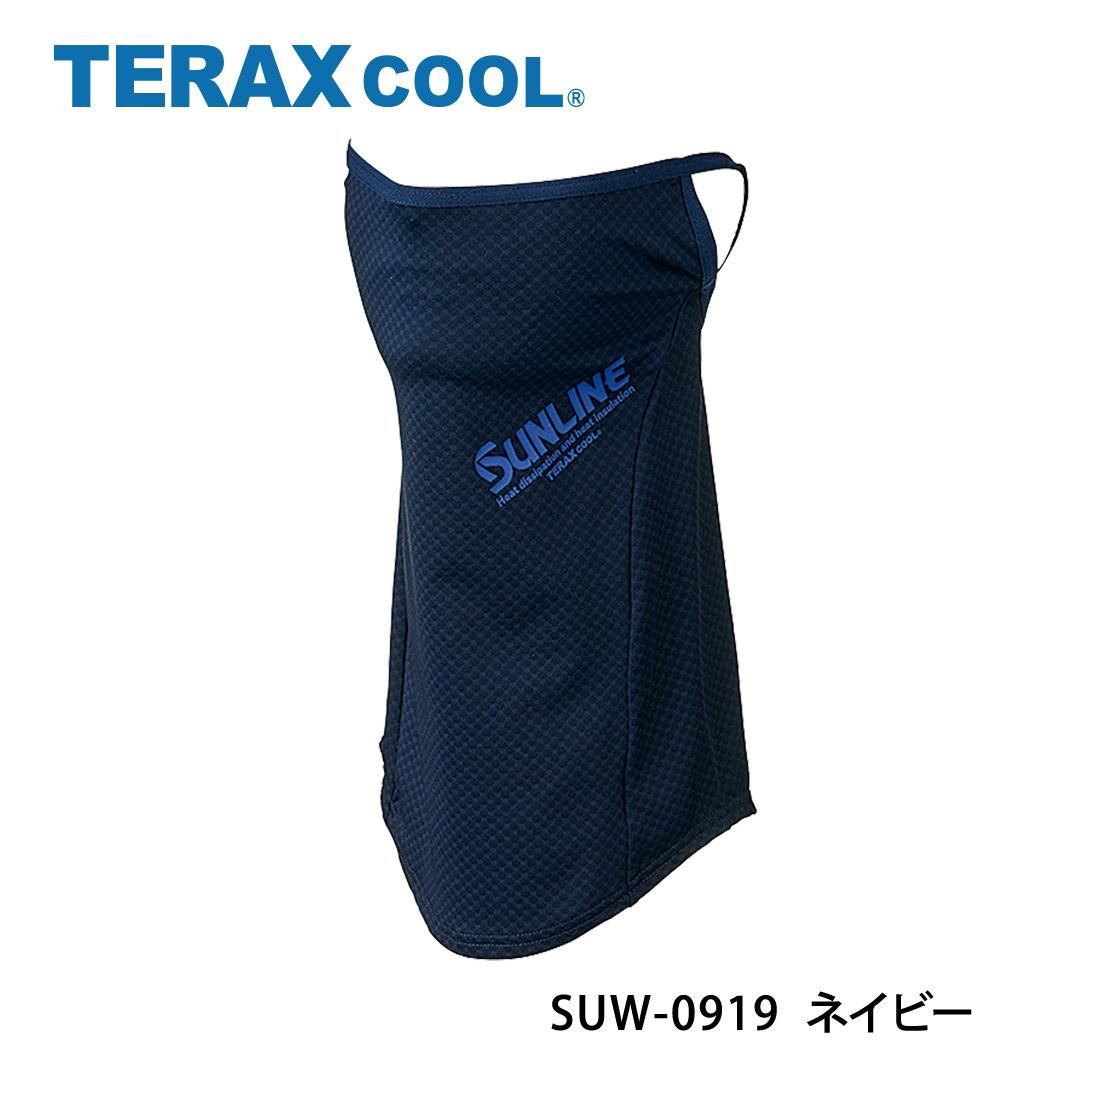 TERAX COOL DRY フェイスガード SUW-0919